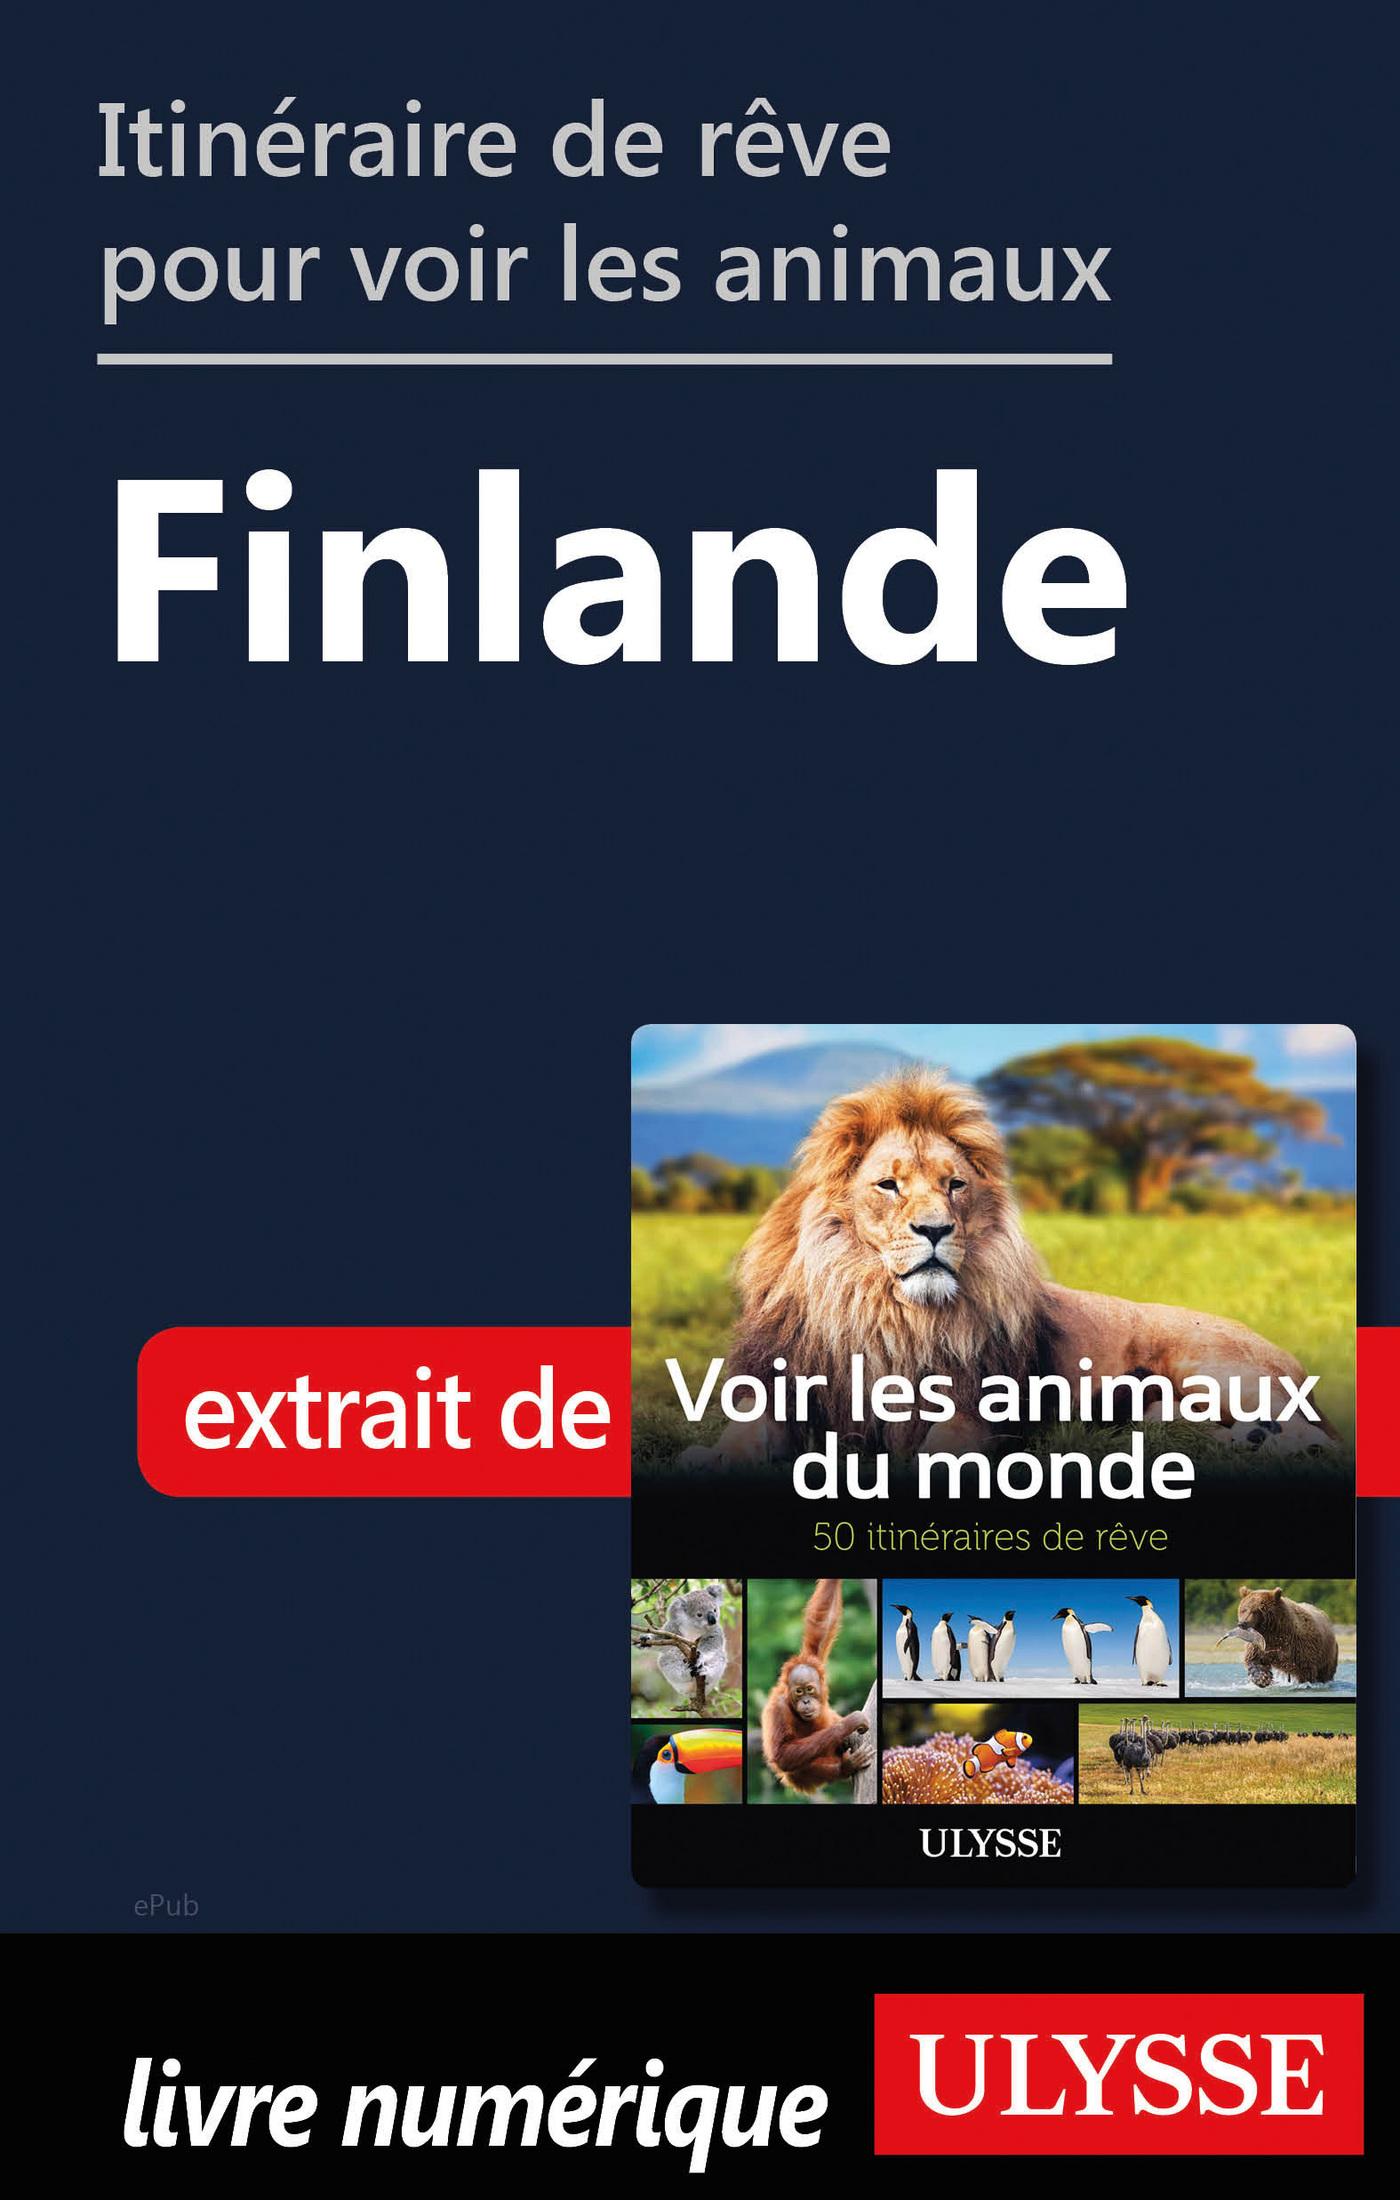 Itinéraire de rêve pour voir les animaux - Finlande